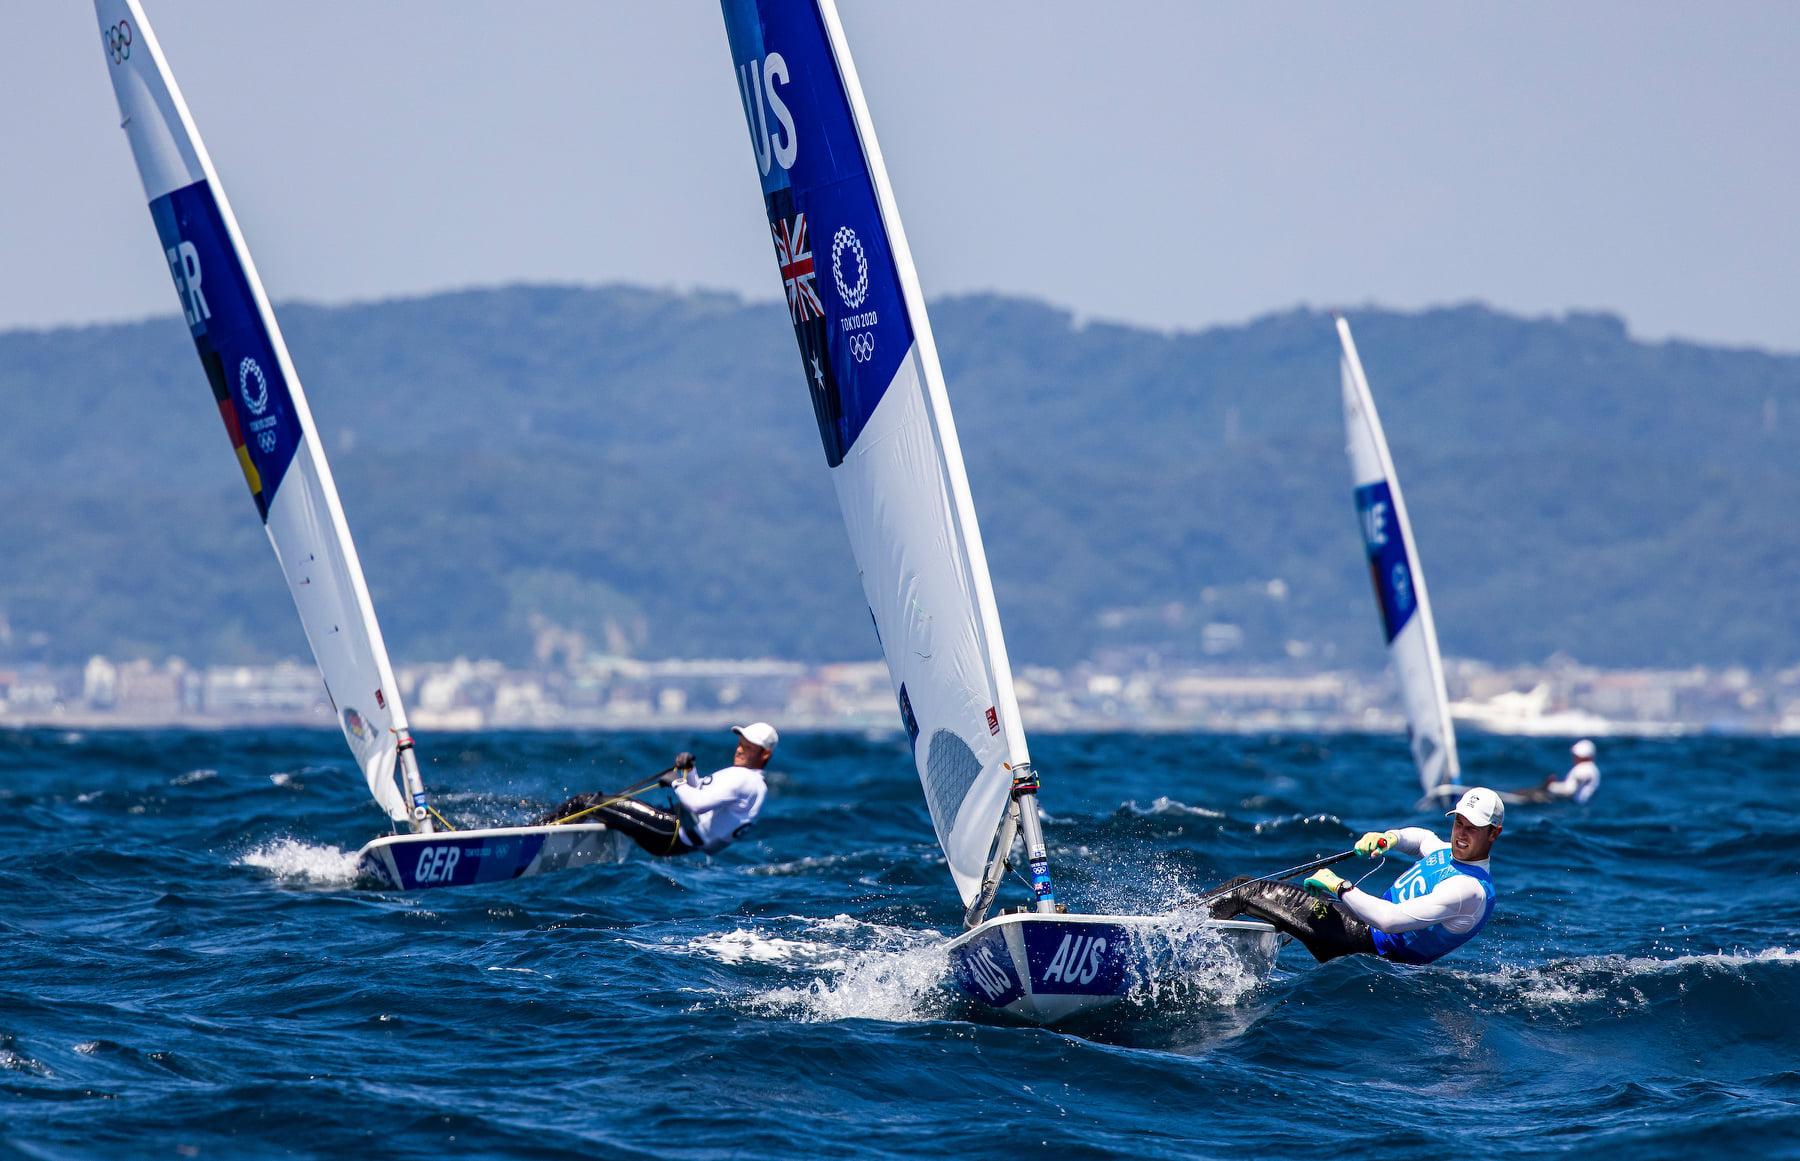 Matt Wearn sailing upwind in the laser